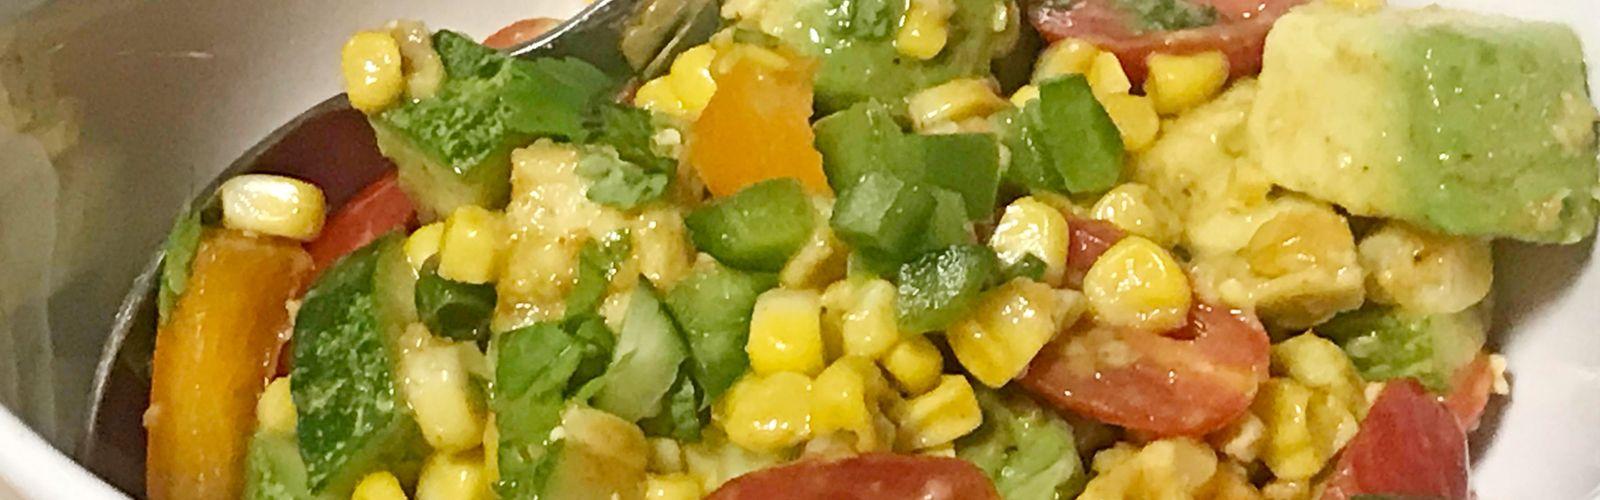 Roasted Corn Salad hero image